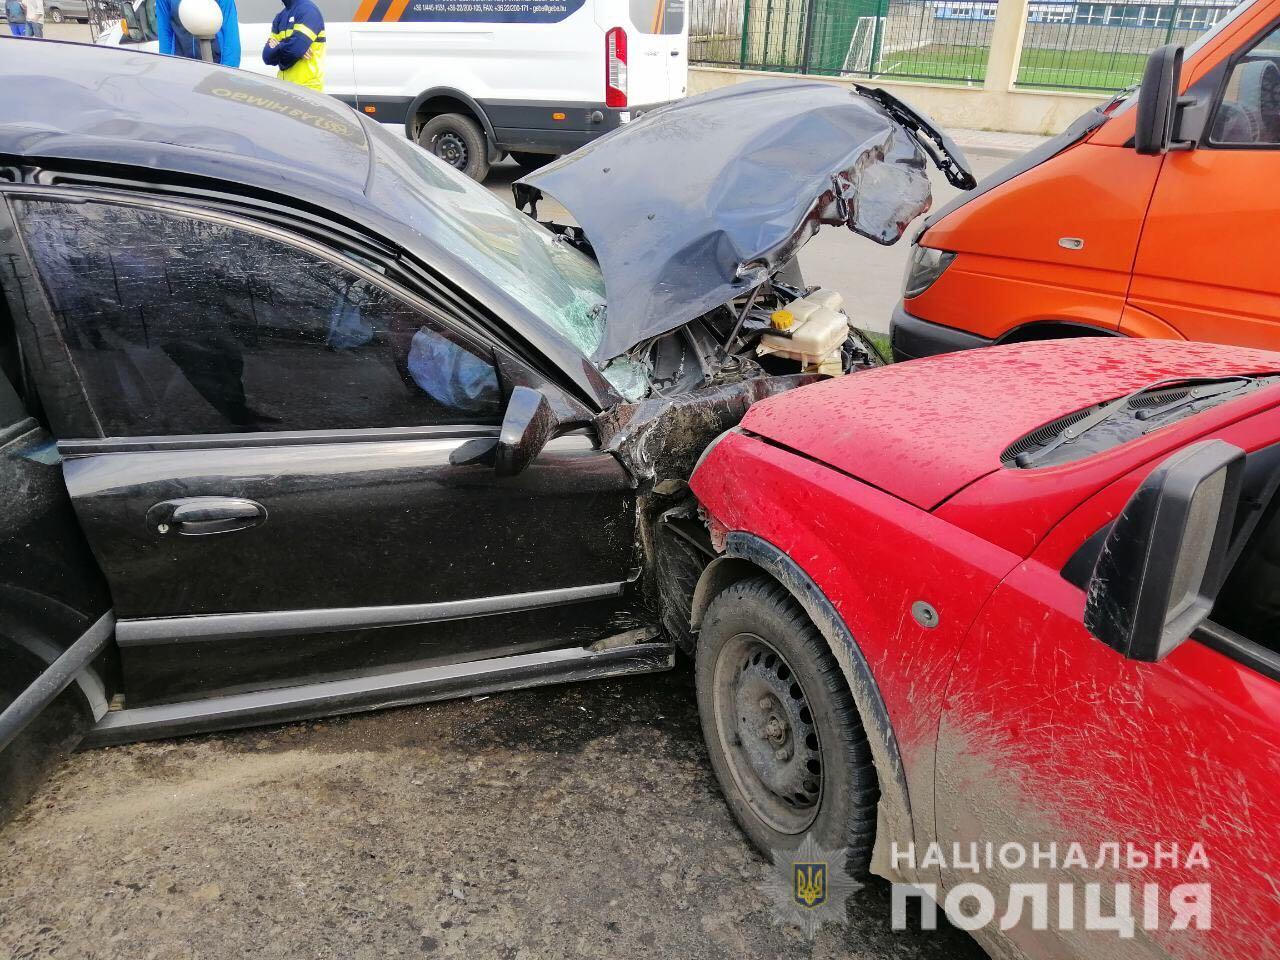 Поліція про масштабну ДТП на Закарпатті: у Тячеві зіткнулись п'ять автомобілів